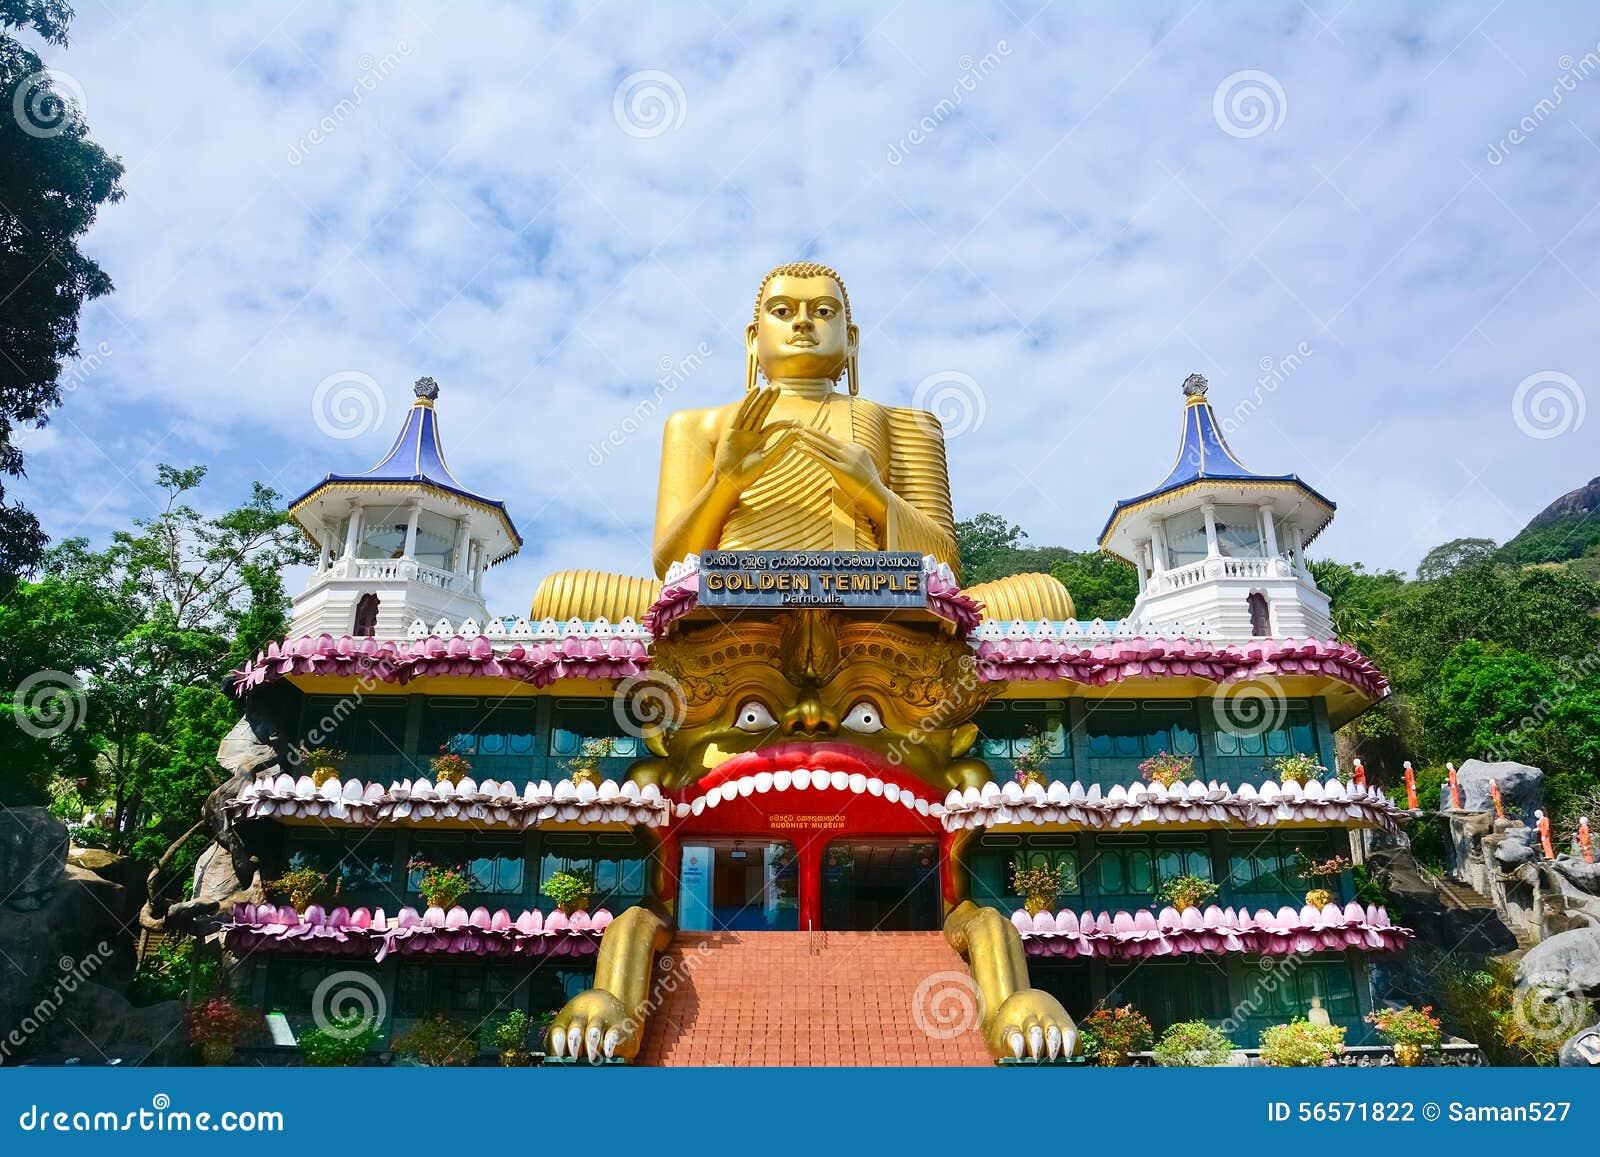 Download Τα έργα ζωγραφικής τοίχων και τα αγάλματα του Βούδα σε Dambulla ανασκάπτουν το χρυσό ναό Στοκ Εικόνες - εικόνα από καλλιτεχνών, ιστορικός: 56571822